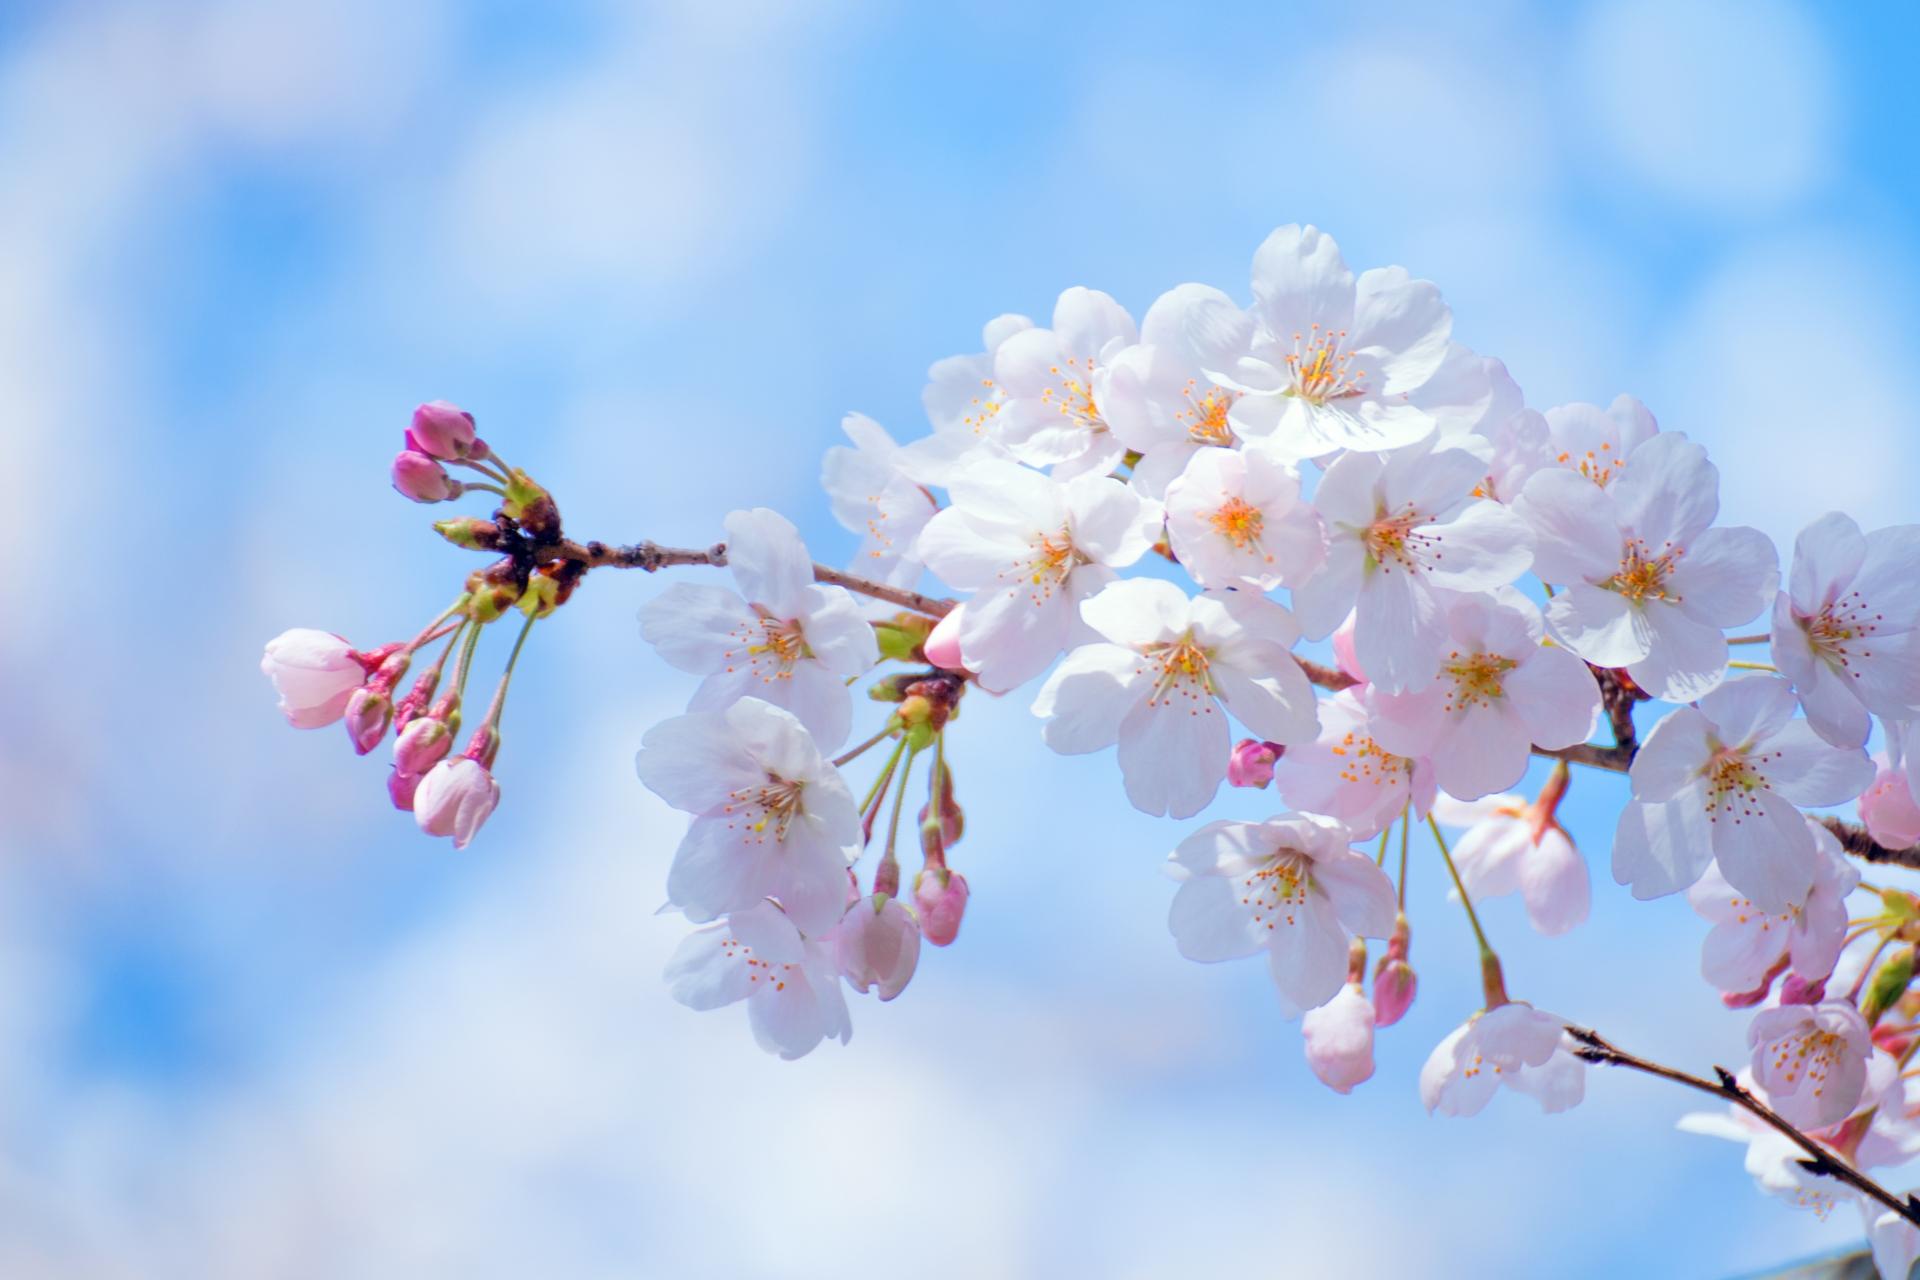 合格祝いや就職祝いに贈るお花のおすすめや相場を解説!